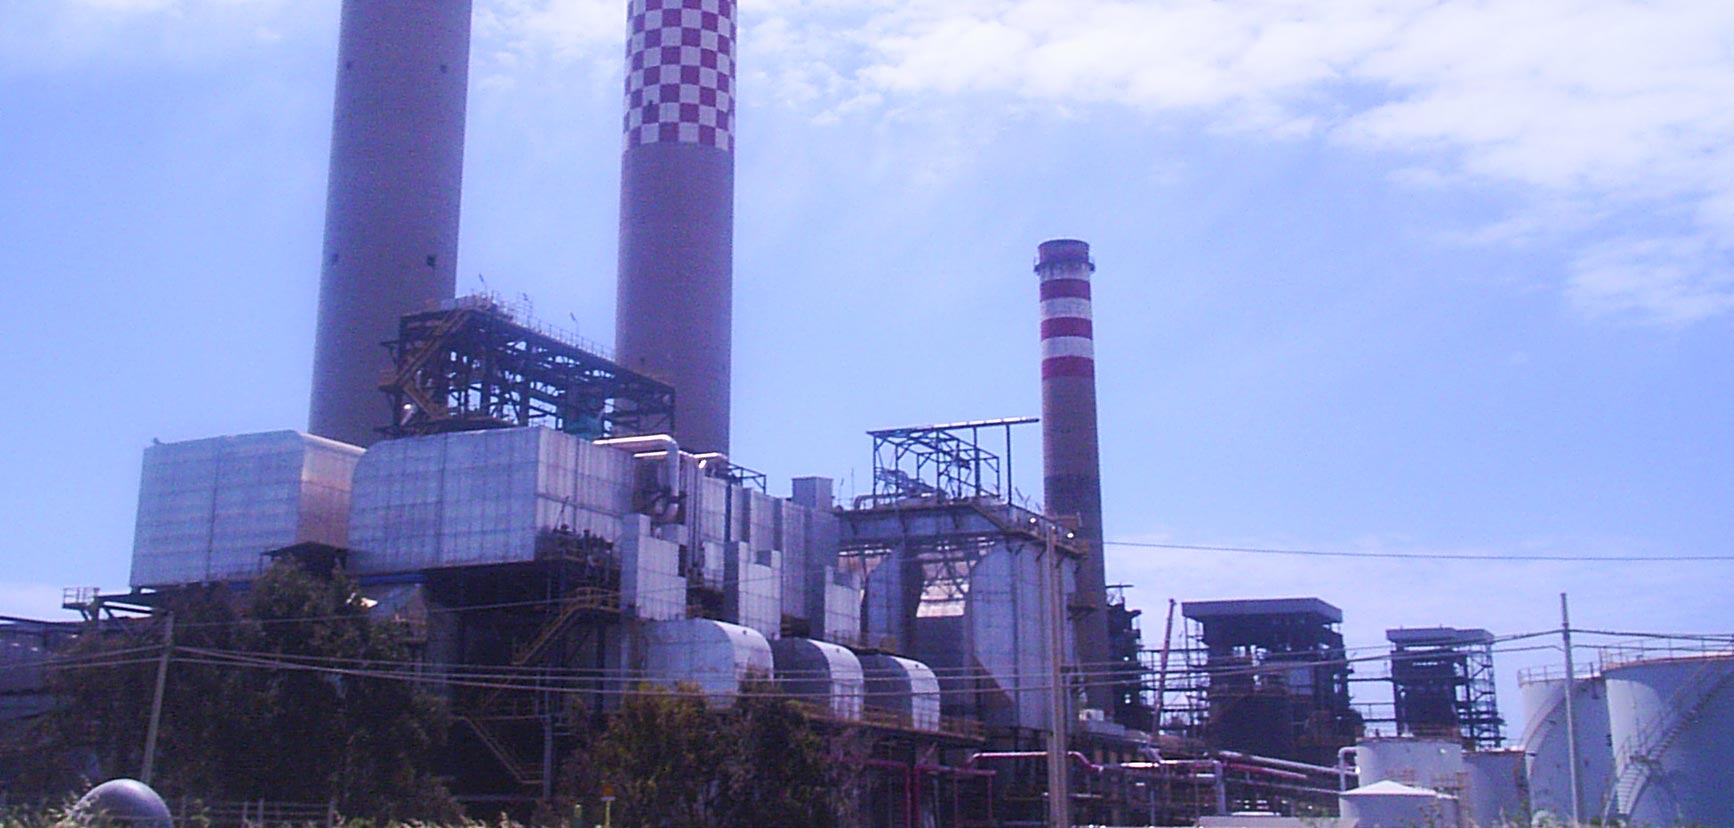 """Area crisi industriale di Gela, siglato l'accordo di programma tra il Ministro Di Maio e la Regione siciliana, Mancuso (FI): """"In termini finanziari si può fare di più, ma è un buon inizio"""""""